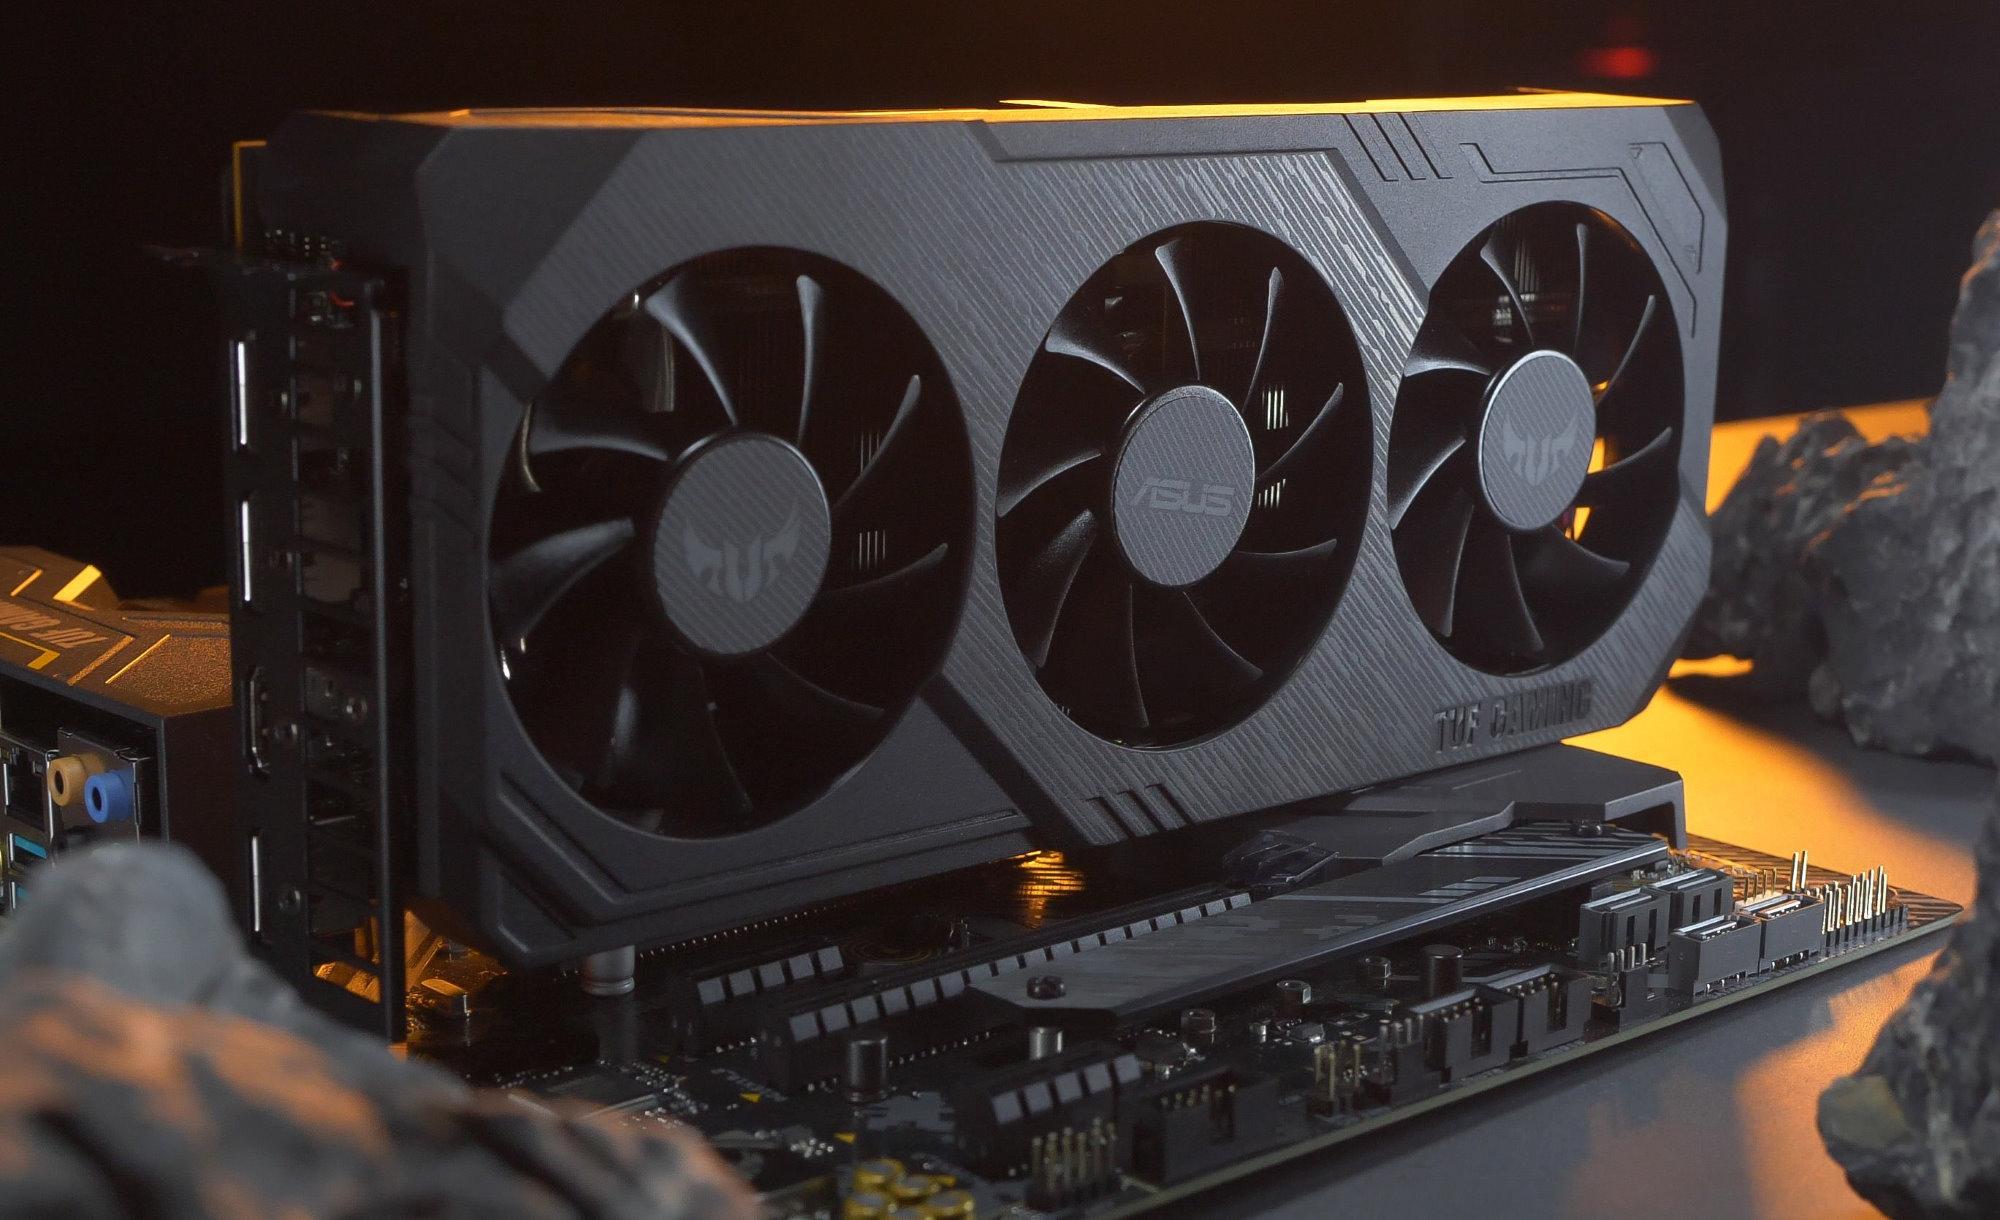 TUF Gaming X3 Radeon RX 5700